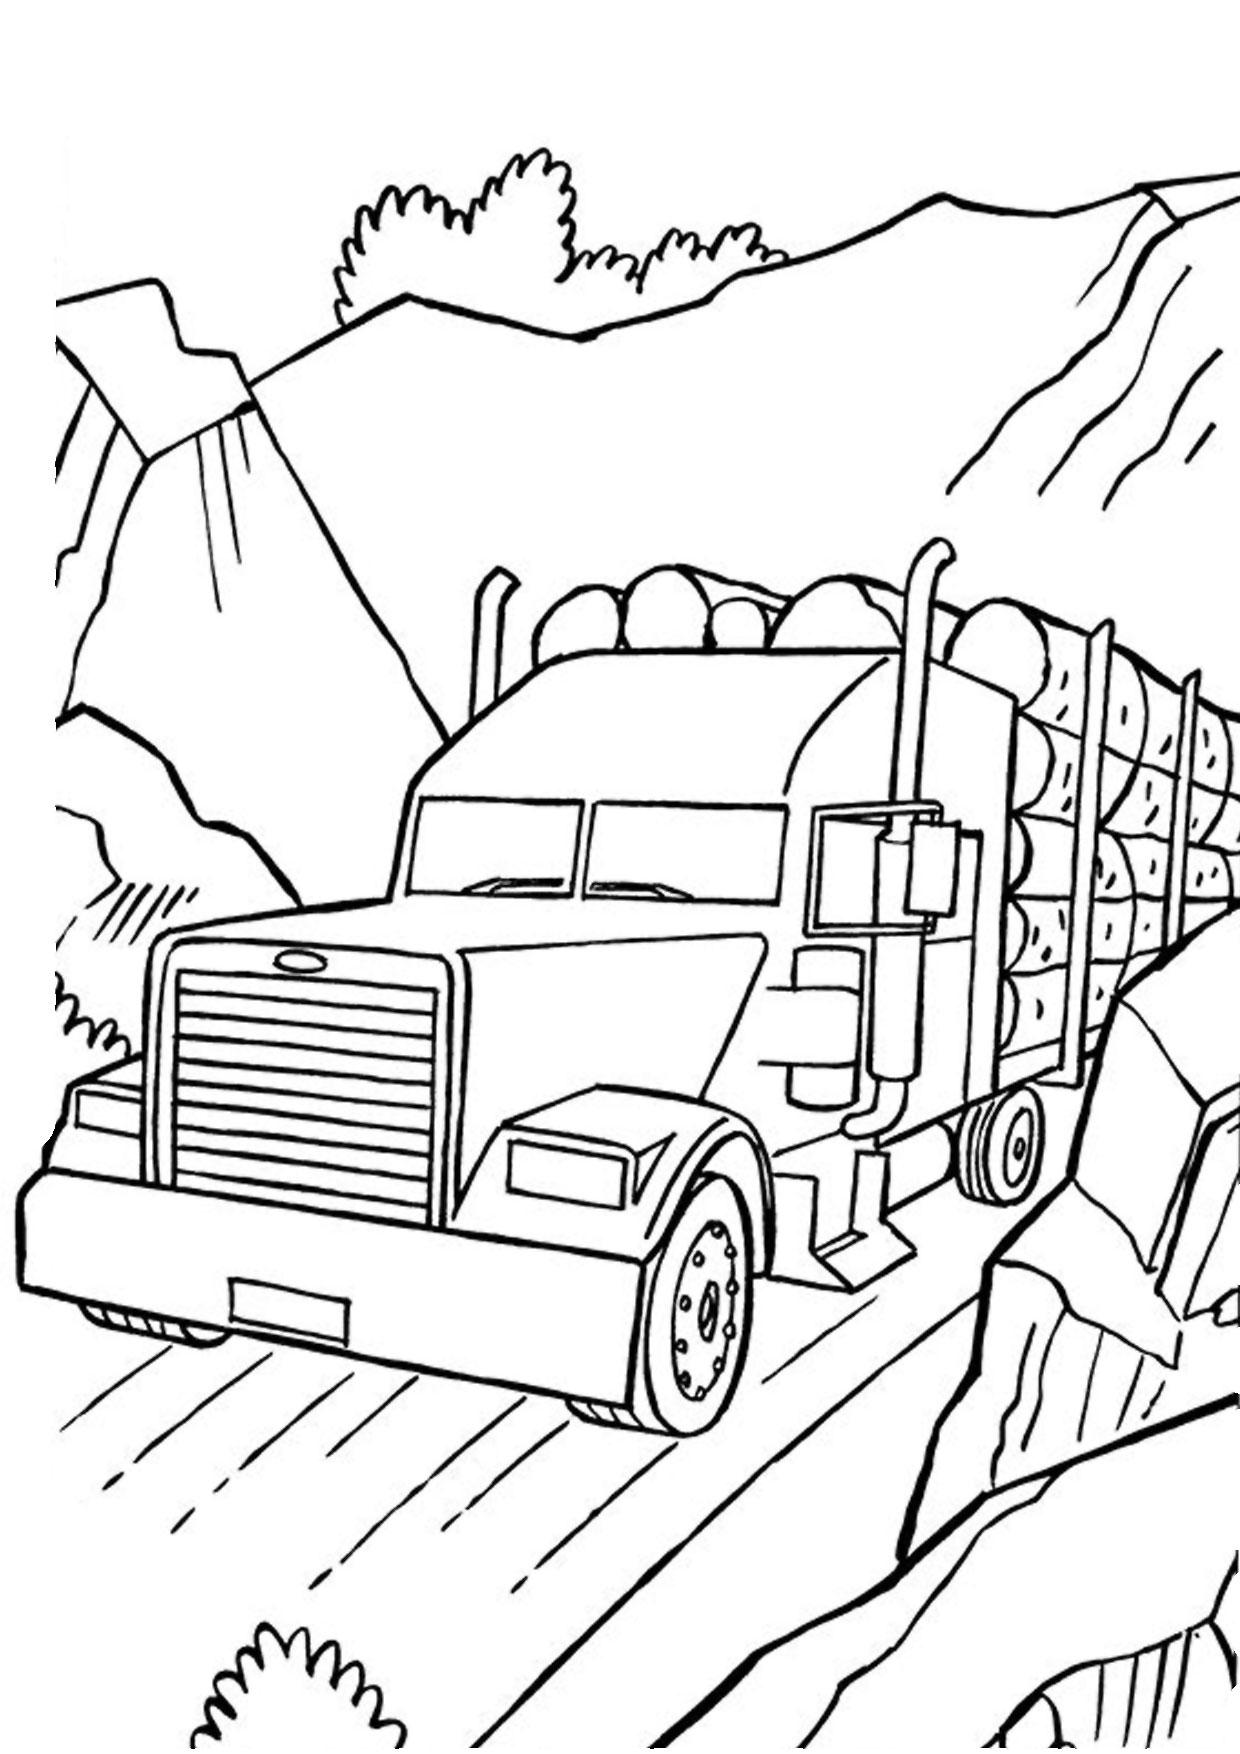 Disegno di camion da colorare 48